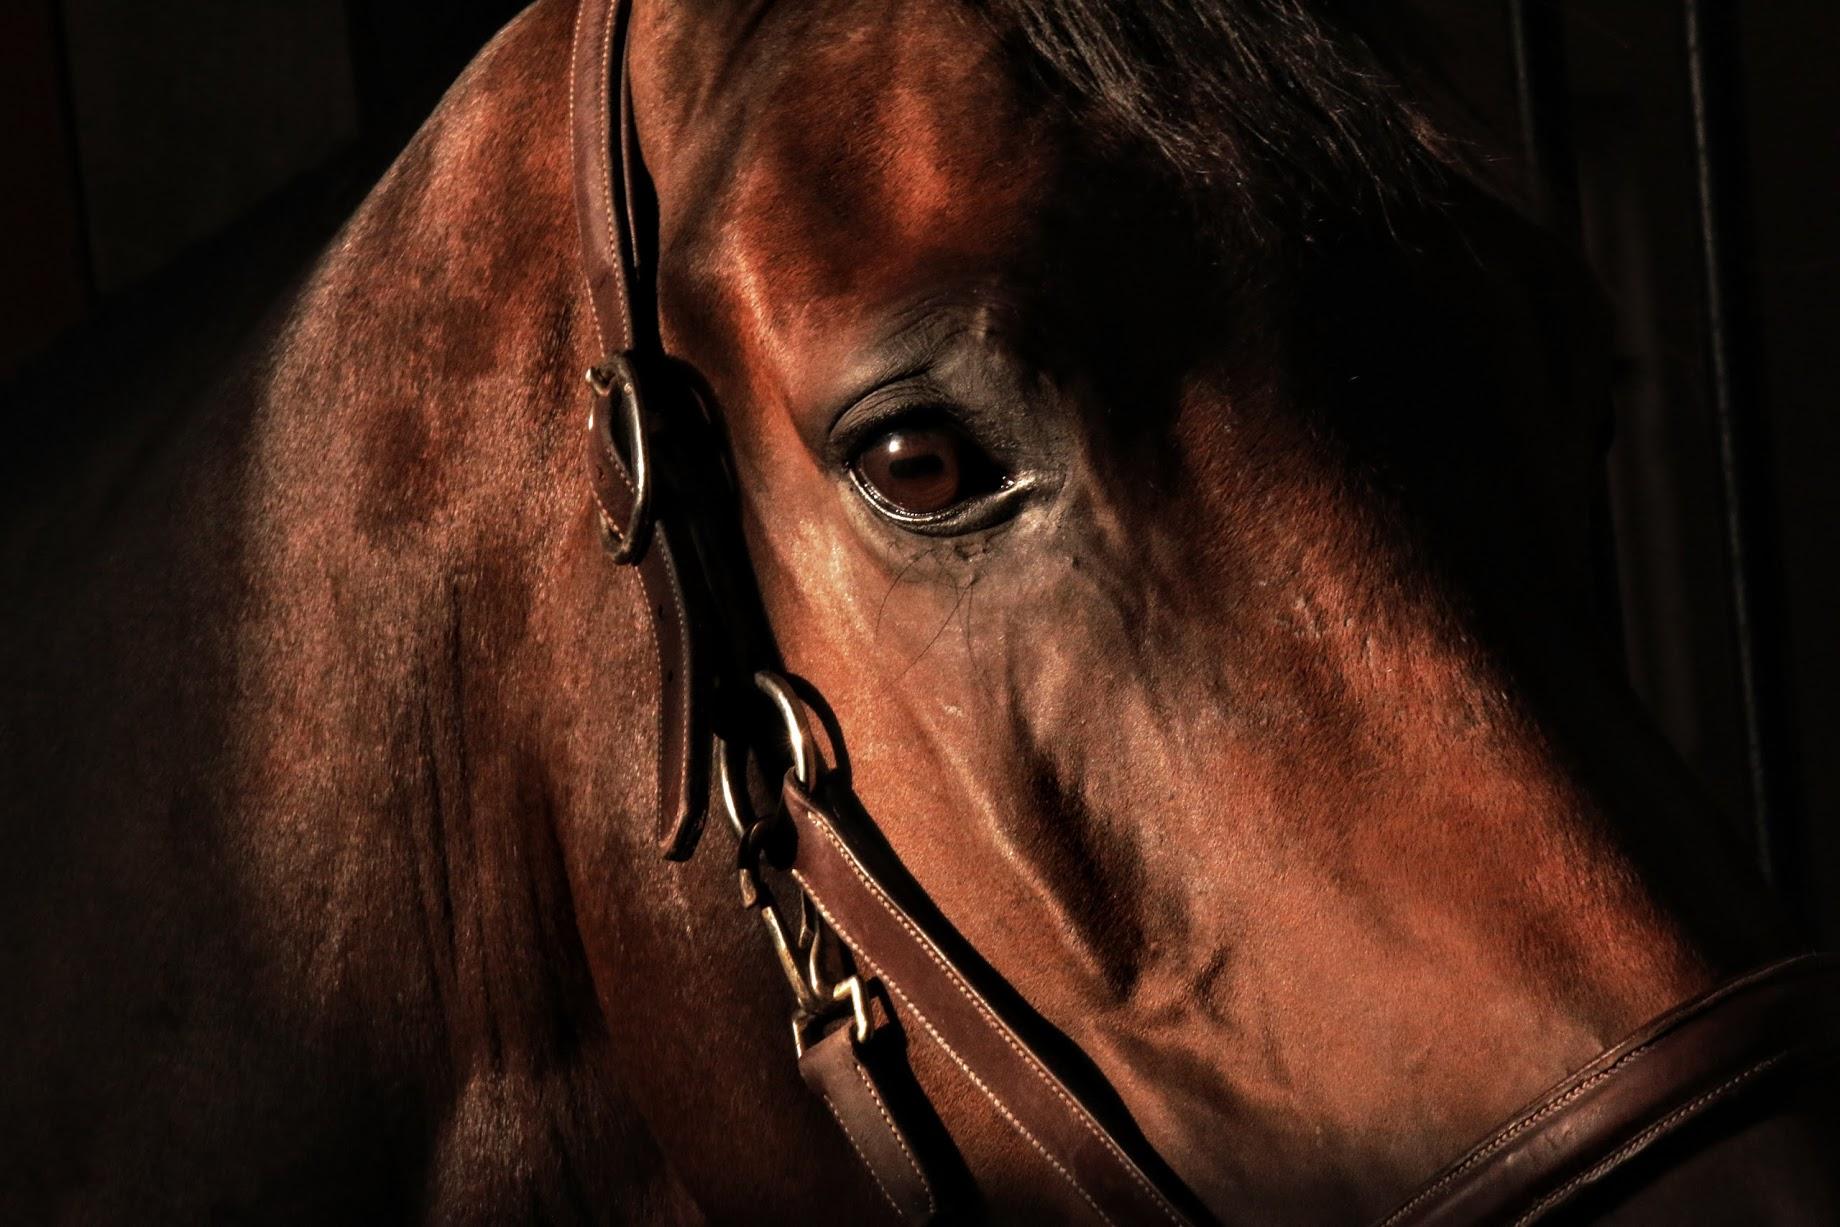 Sicht des Pferdes